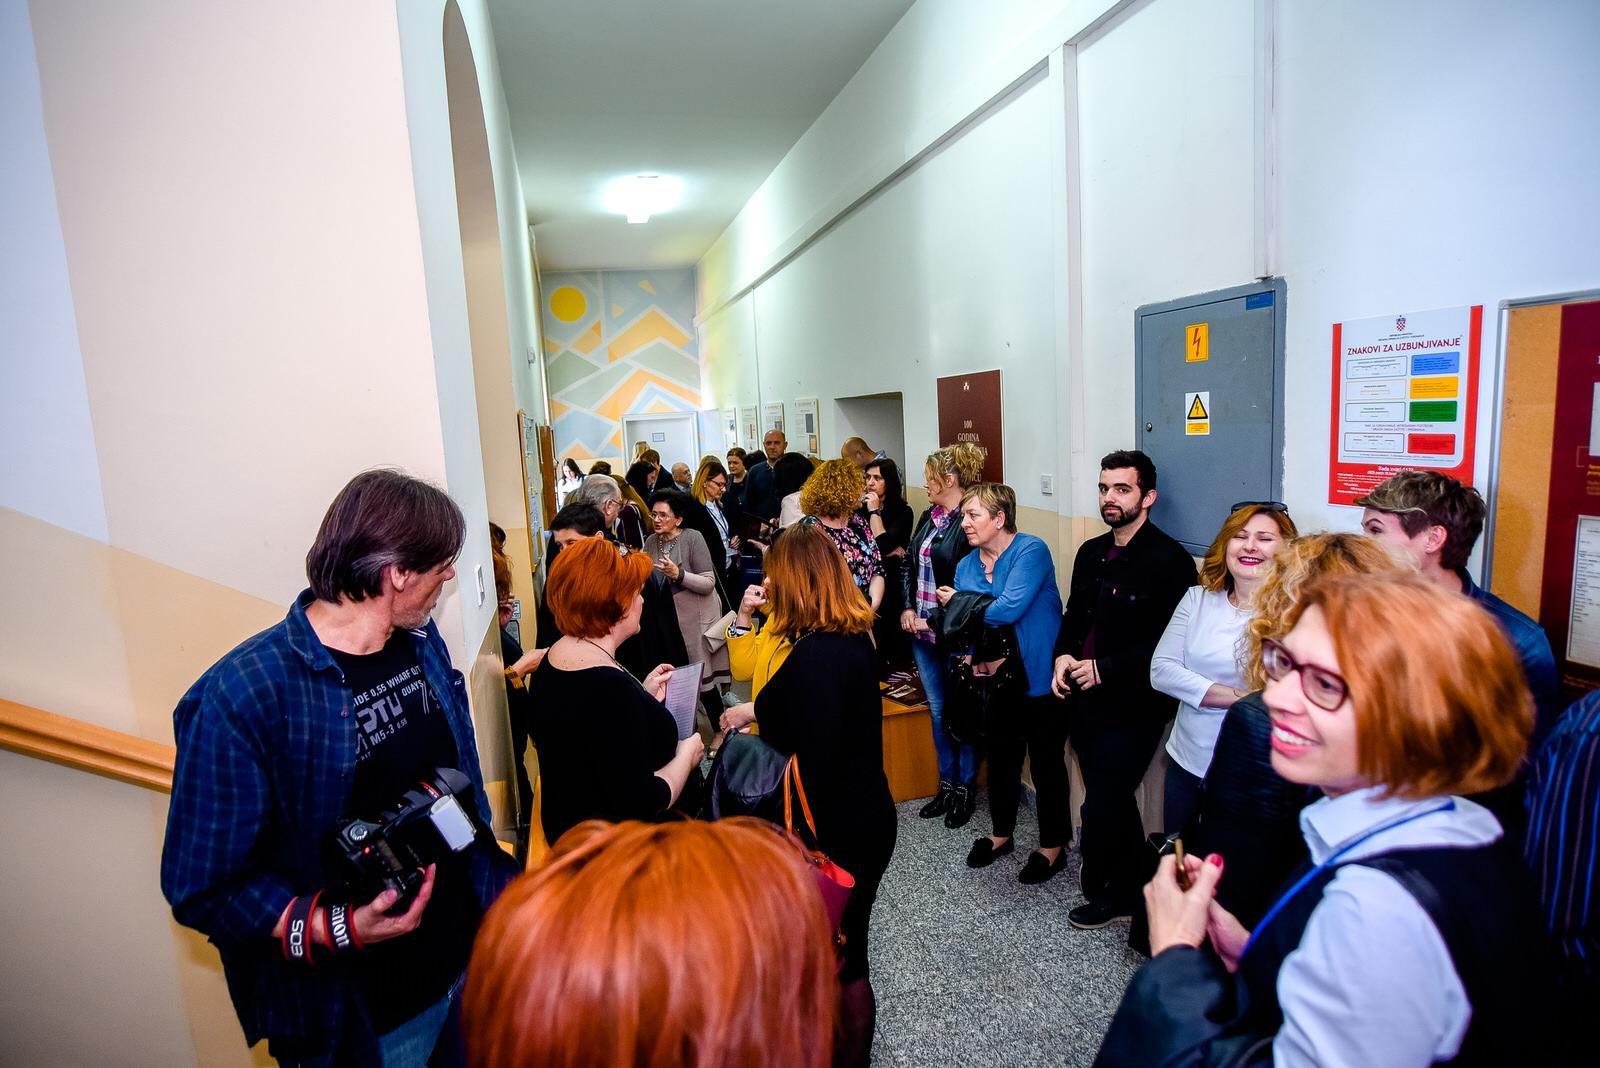 likaclub_gospić_100-godina-obrazovanja-učitelja-u-gospiću_2019-10